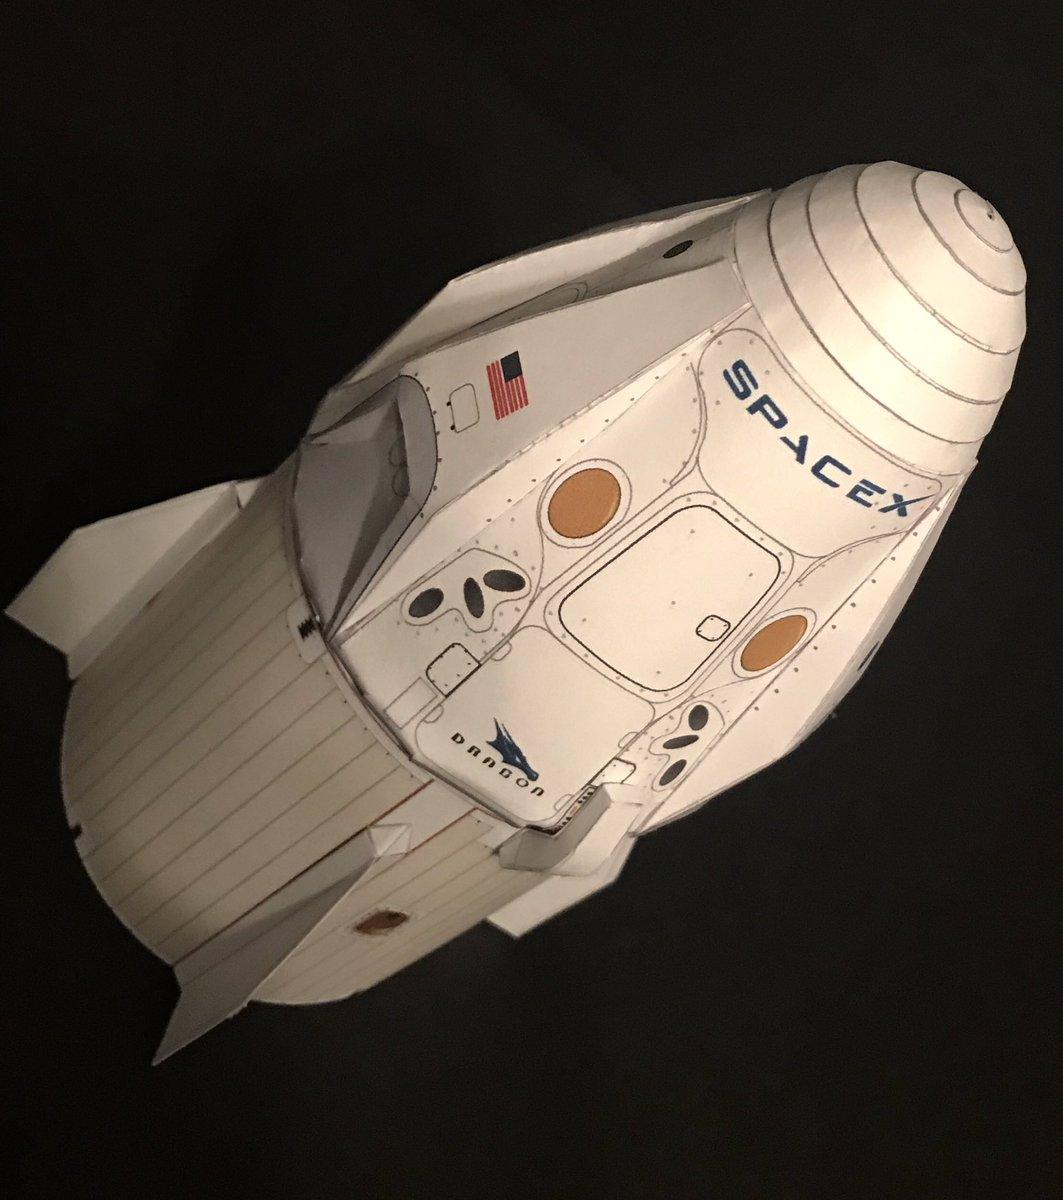 dragon spacecraft models - HD1063×1200